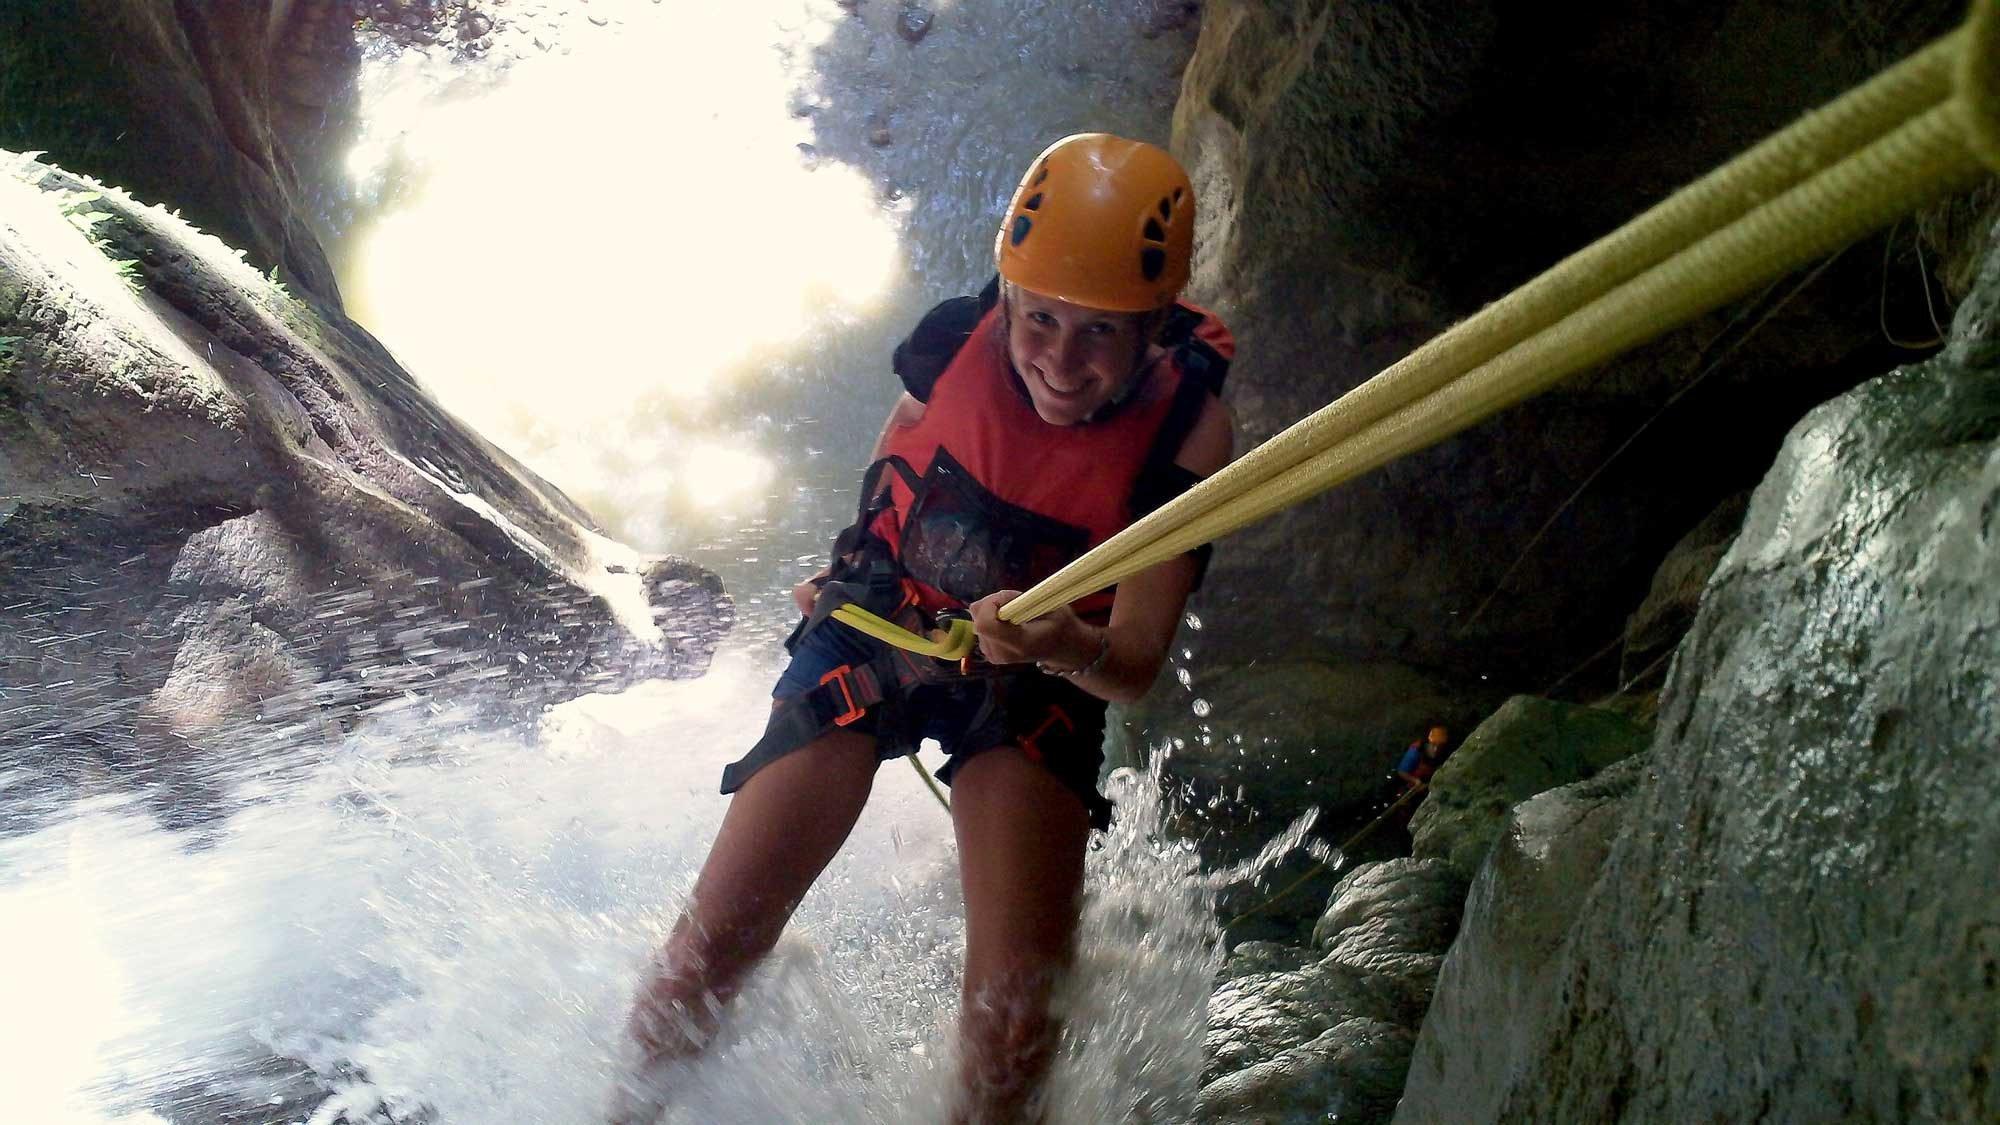 Teambuilding and Canyoning at Montaneza falls in Cebu